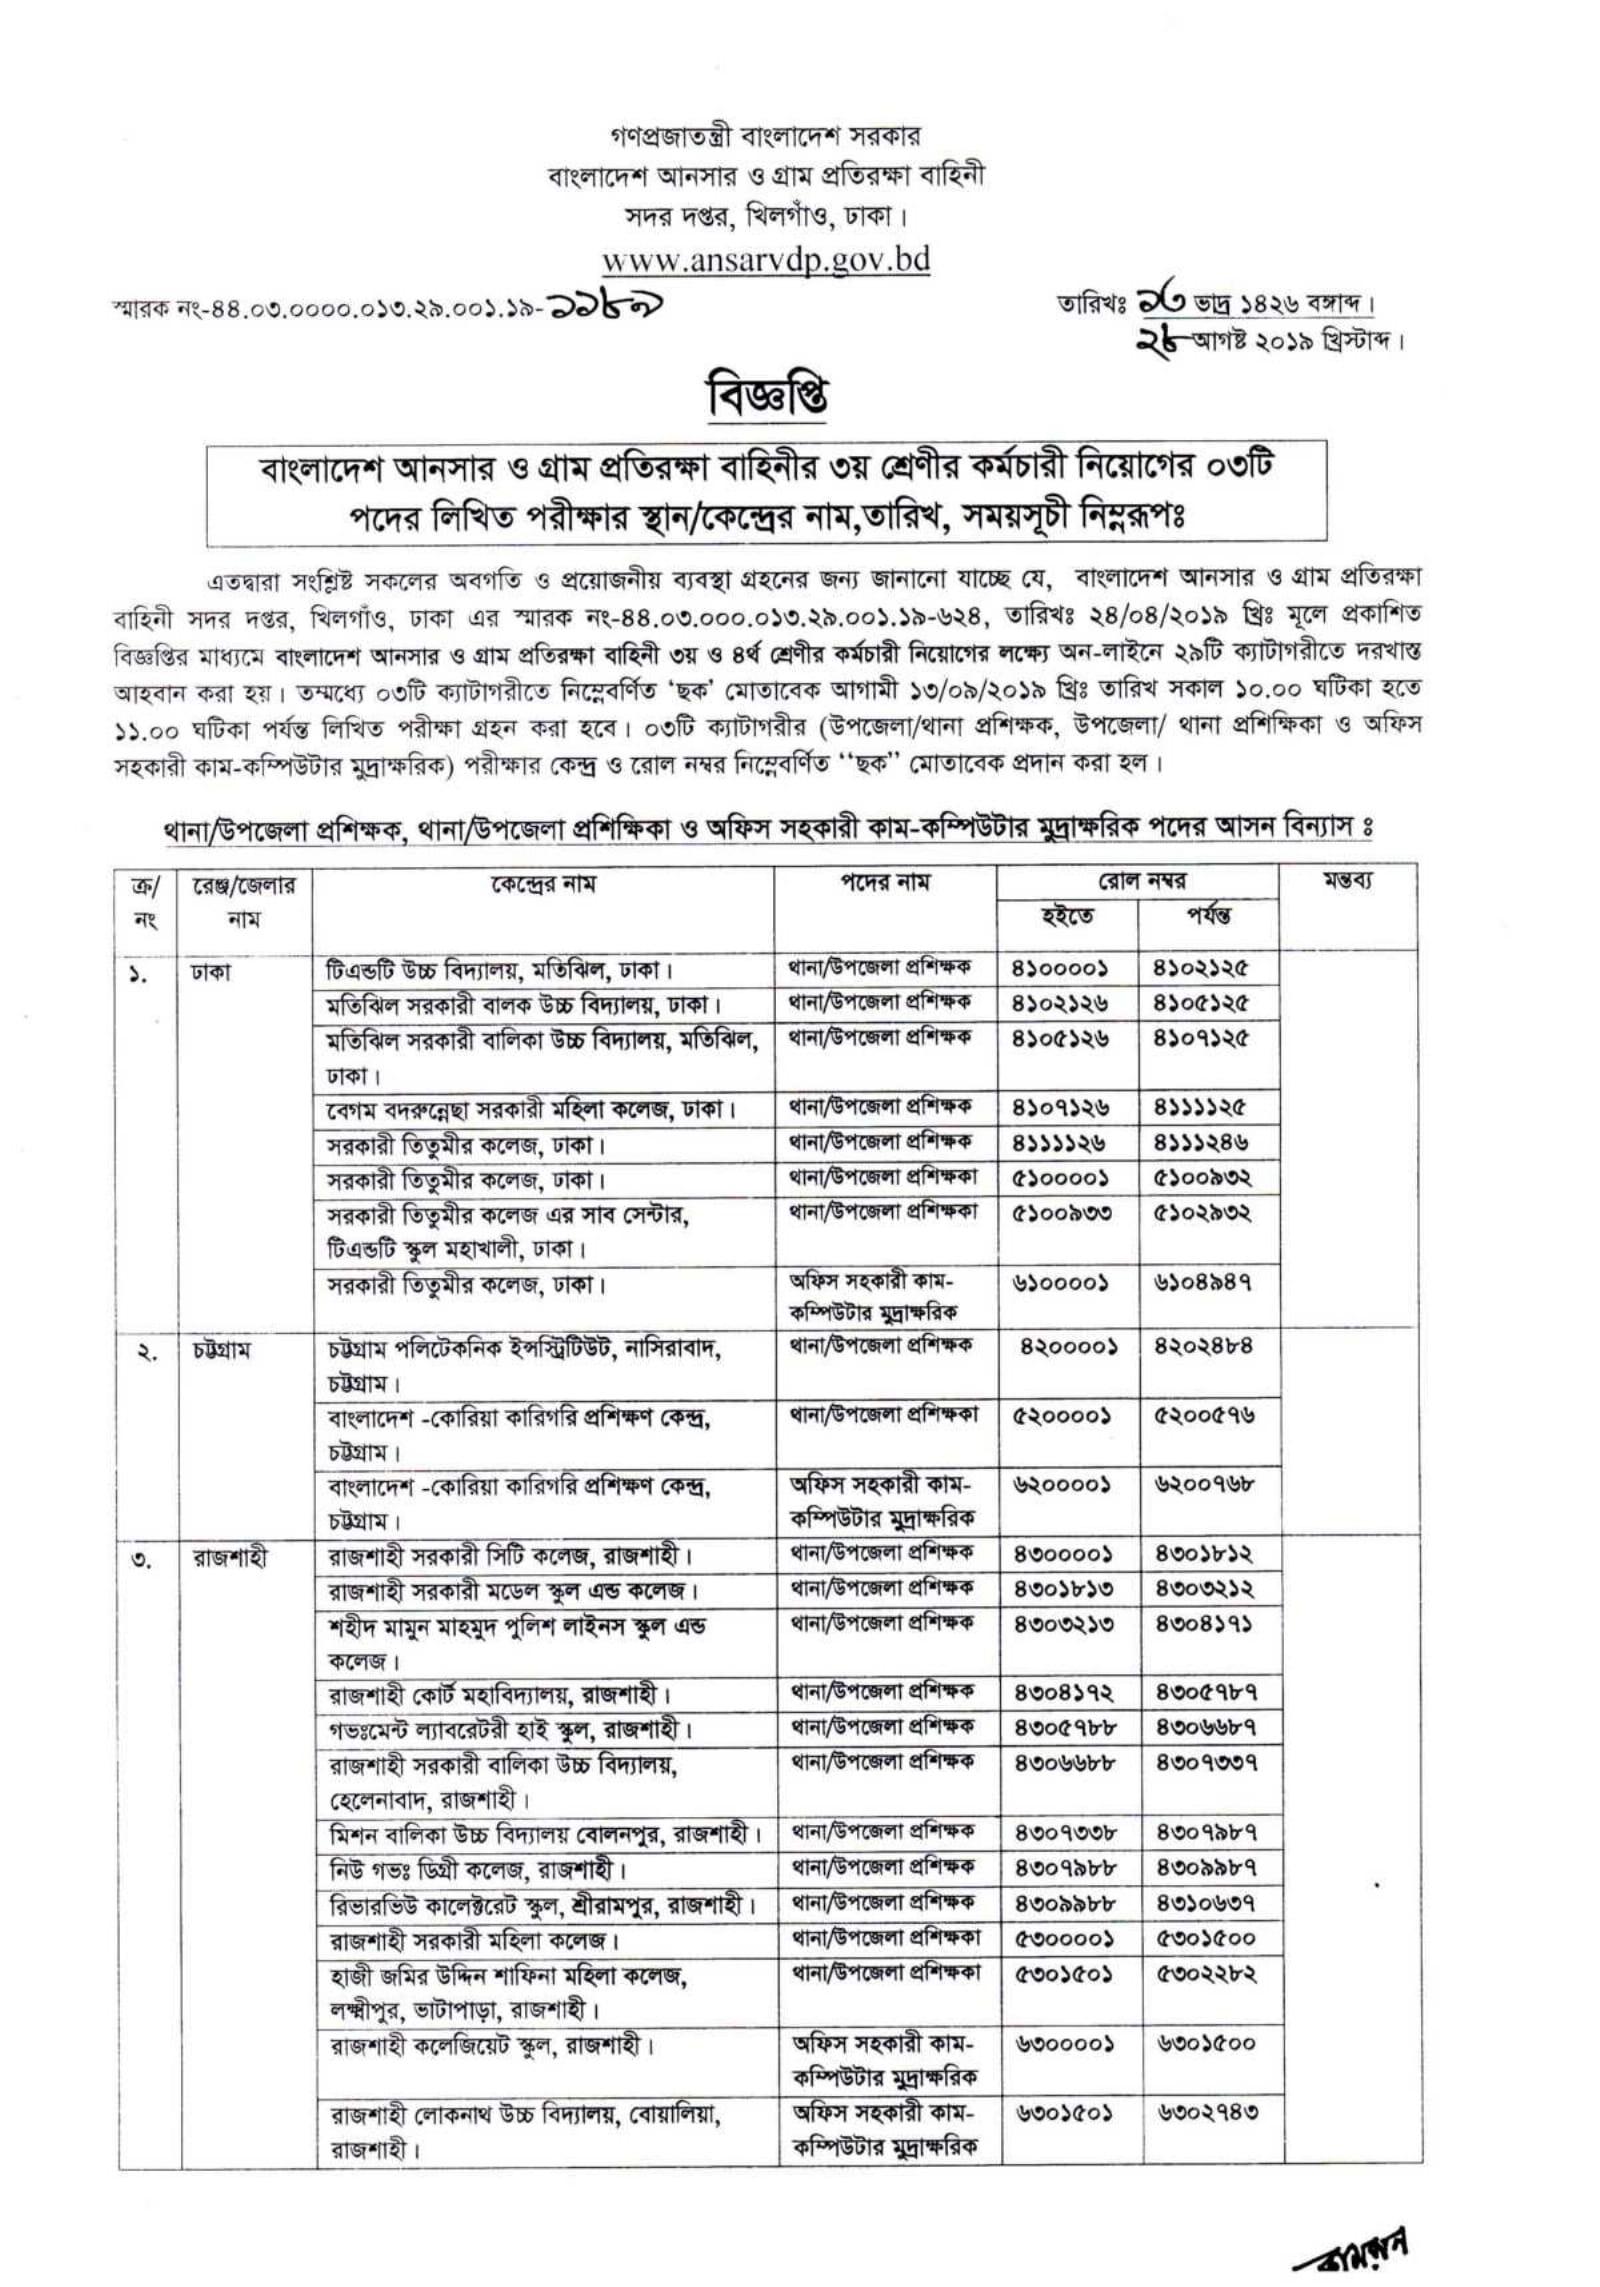 Bangladesh Ansar VDP Admit Card 2019 Ansar Recruitment